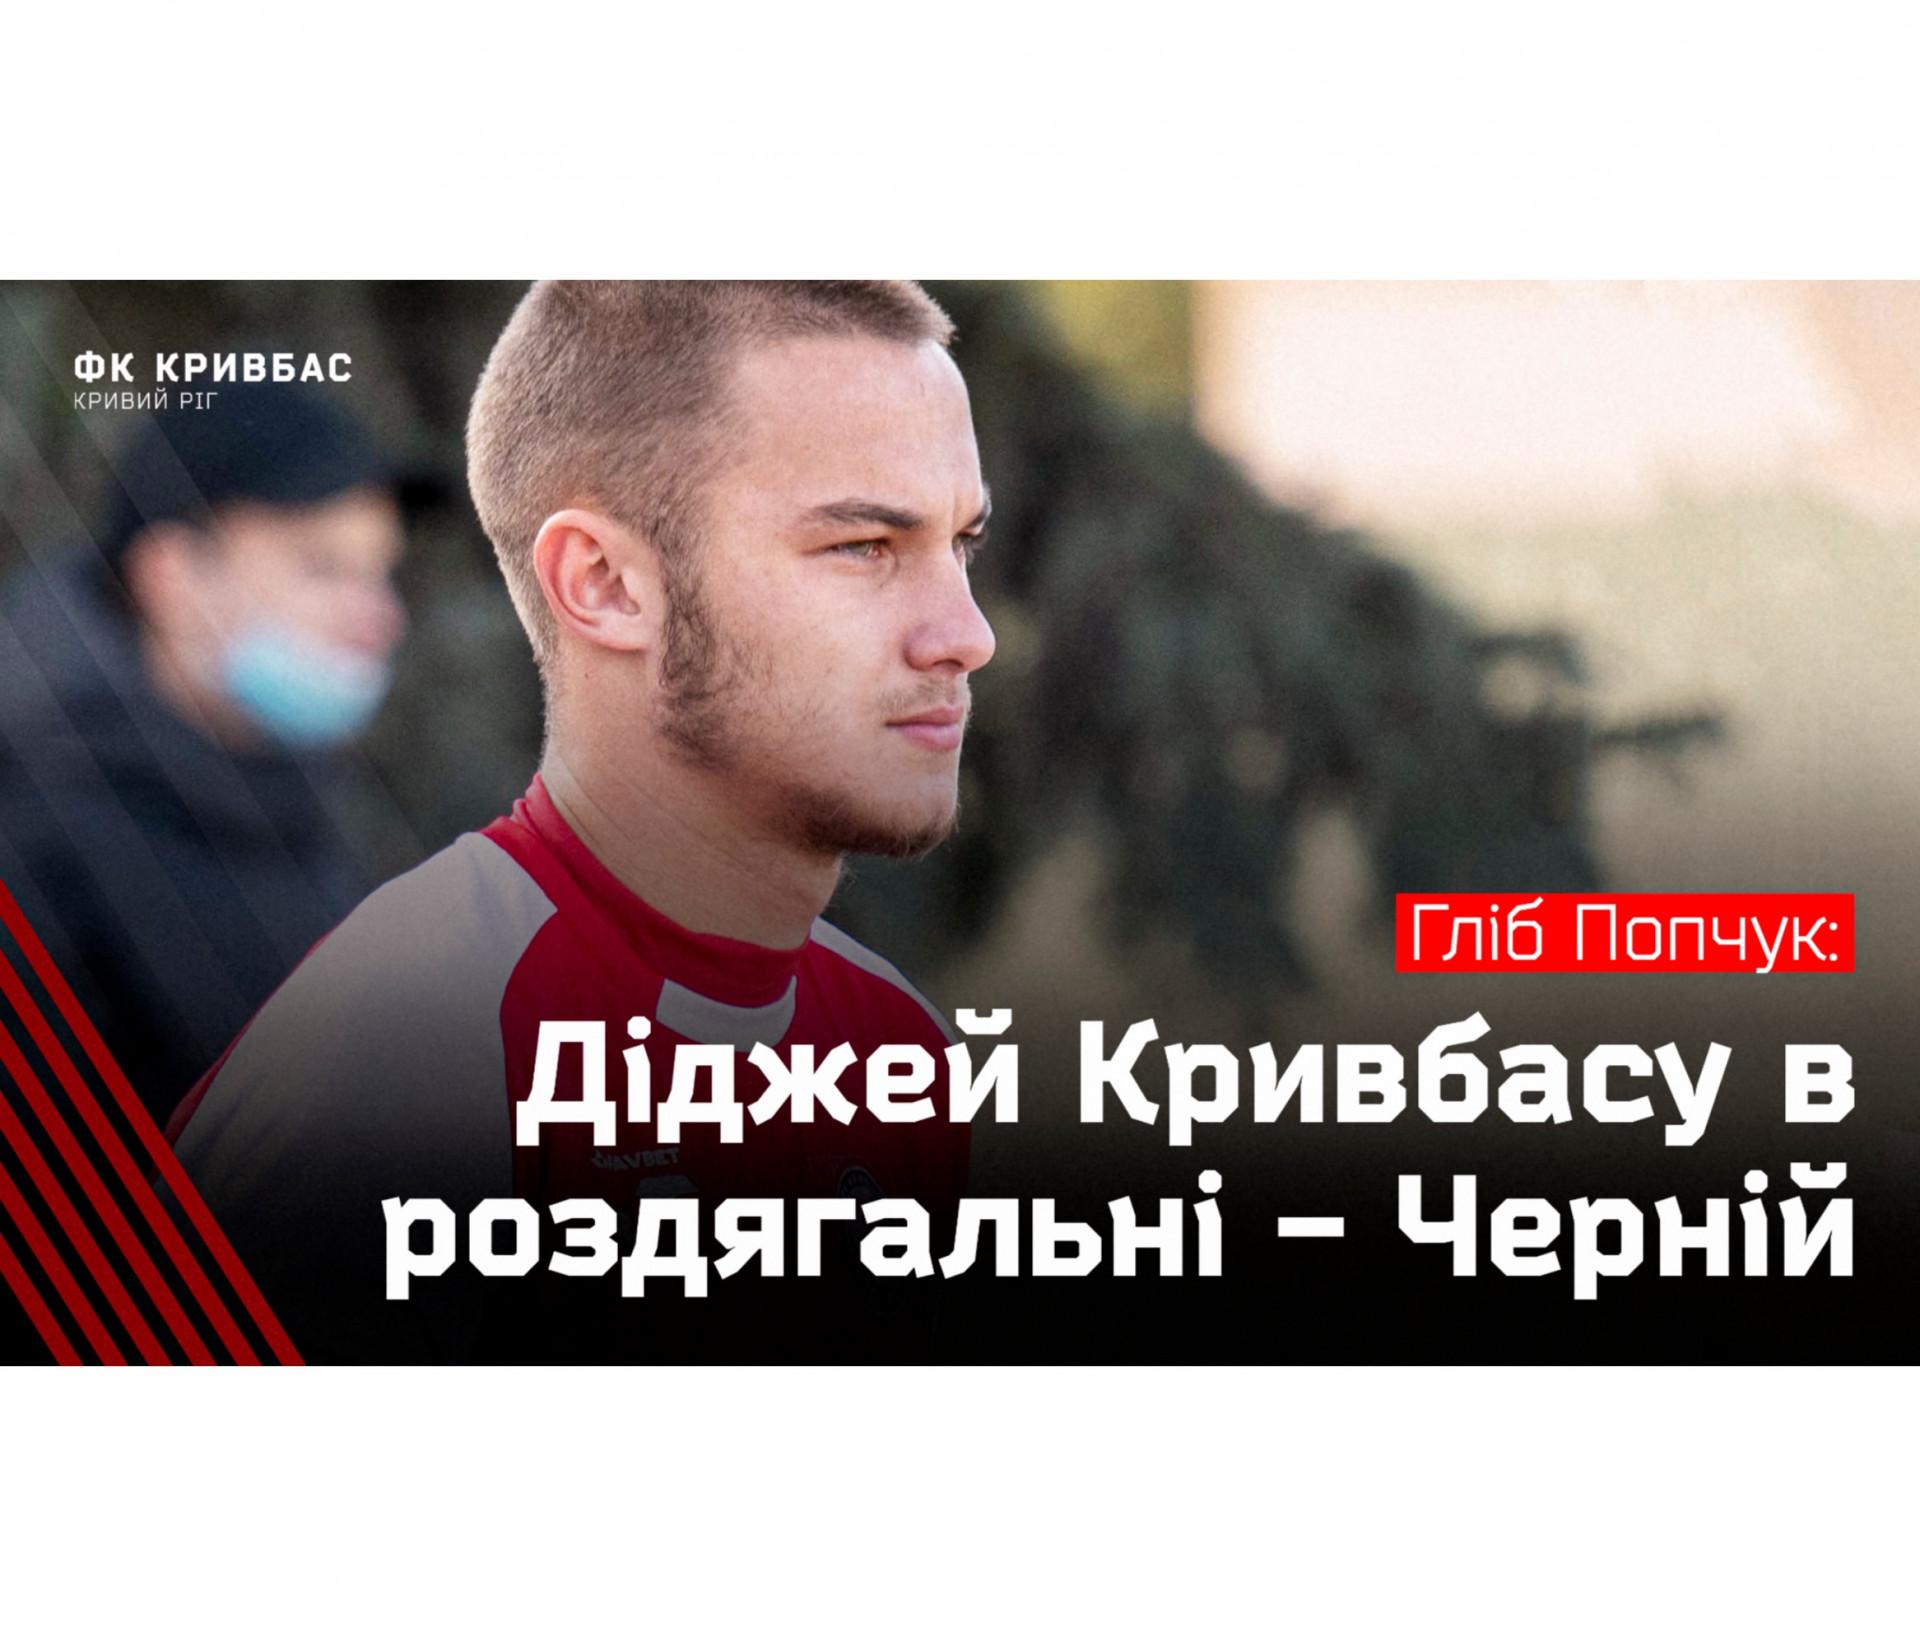 """Гліб Попчук: Діджей """"Кривбасу"""" в роздягальні - Черній}"""